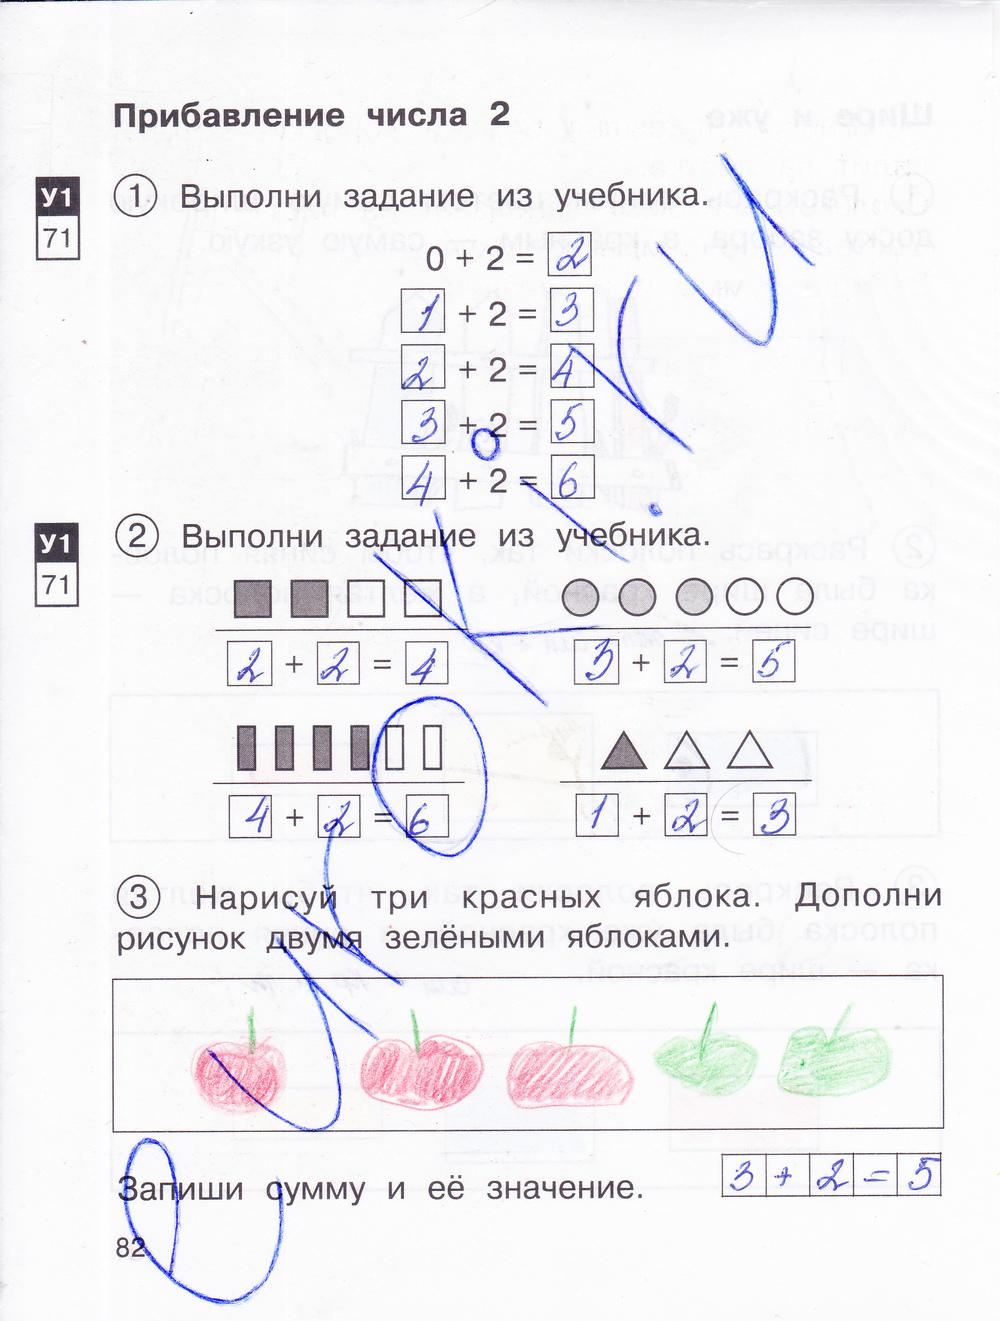 гдз по математике 2 класс юдина учебник